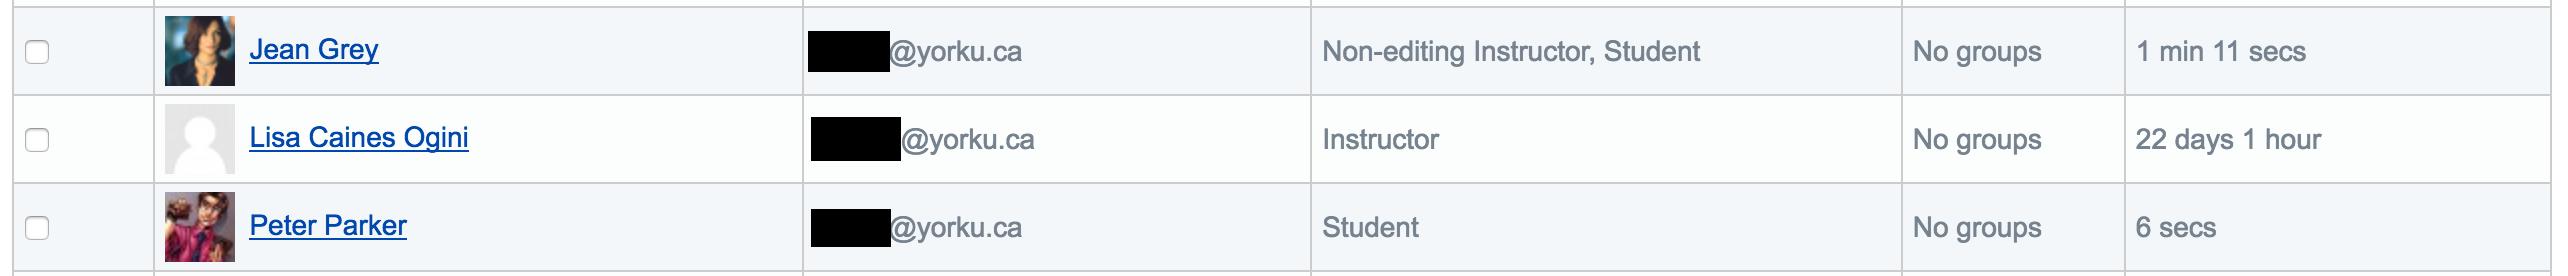 Participants page